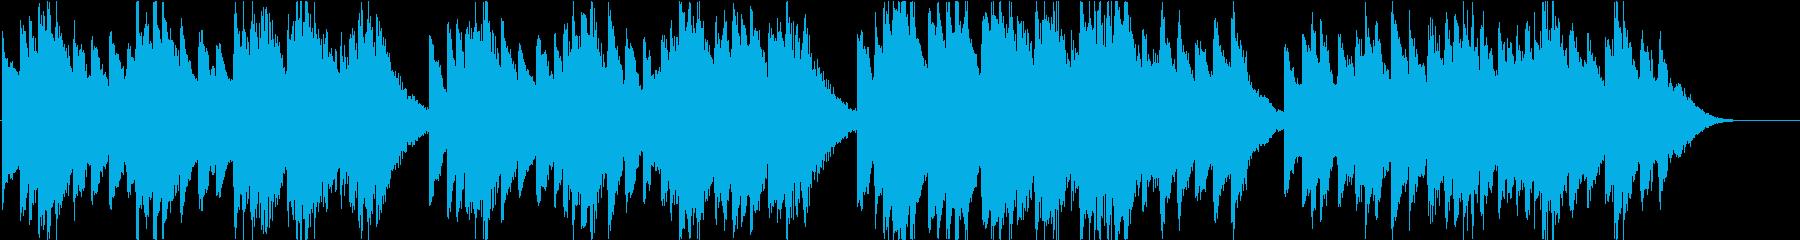 時報・チャイム風の名曲のメロディ・25の再生済みの波形